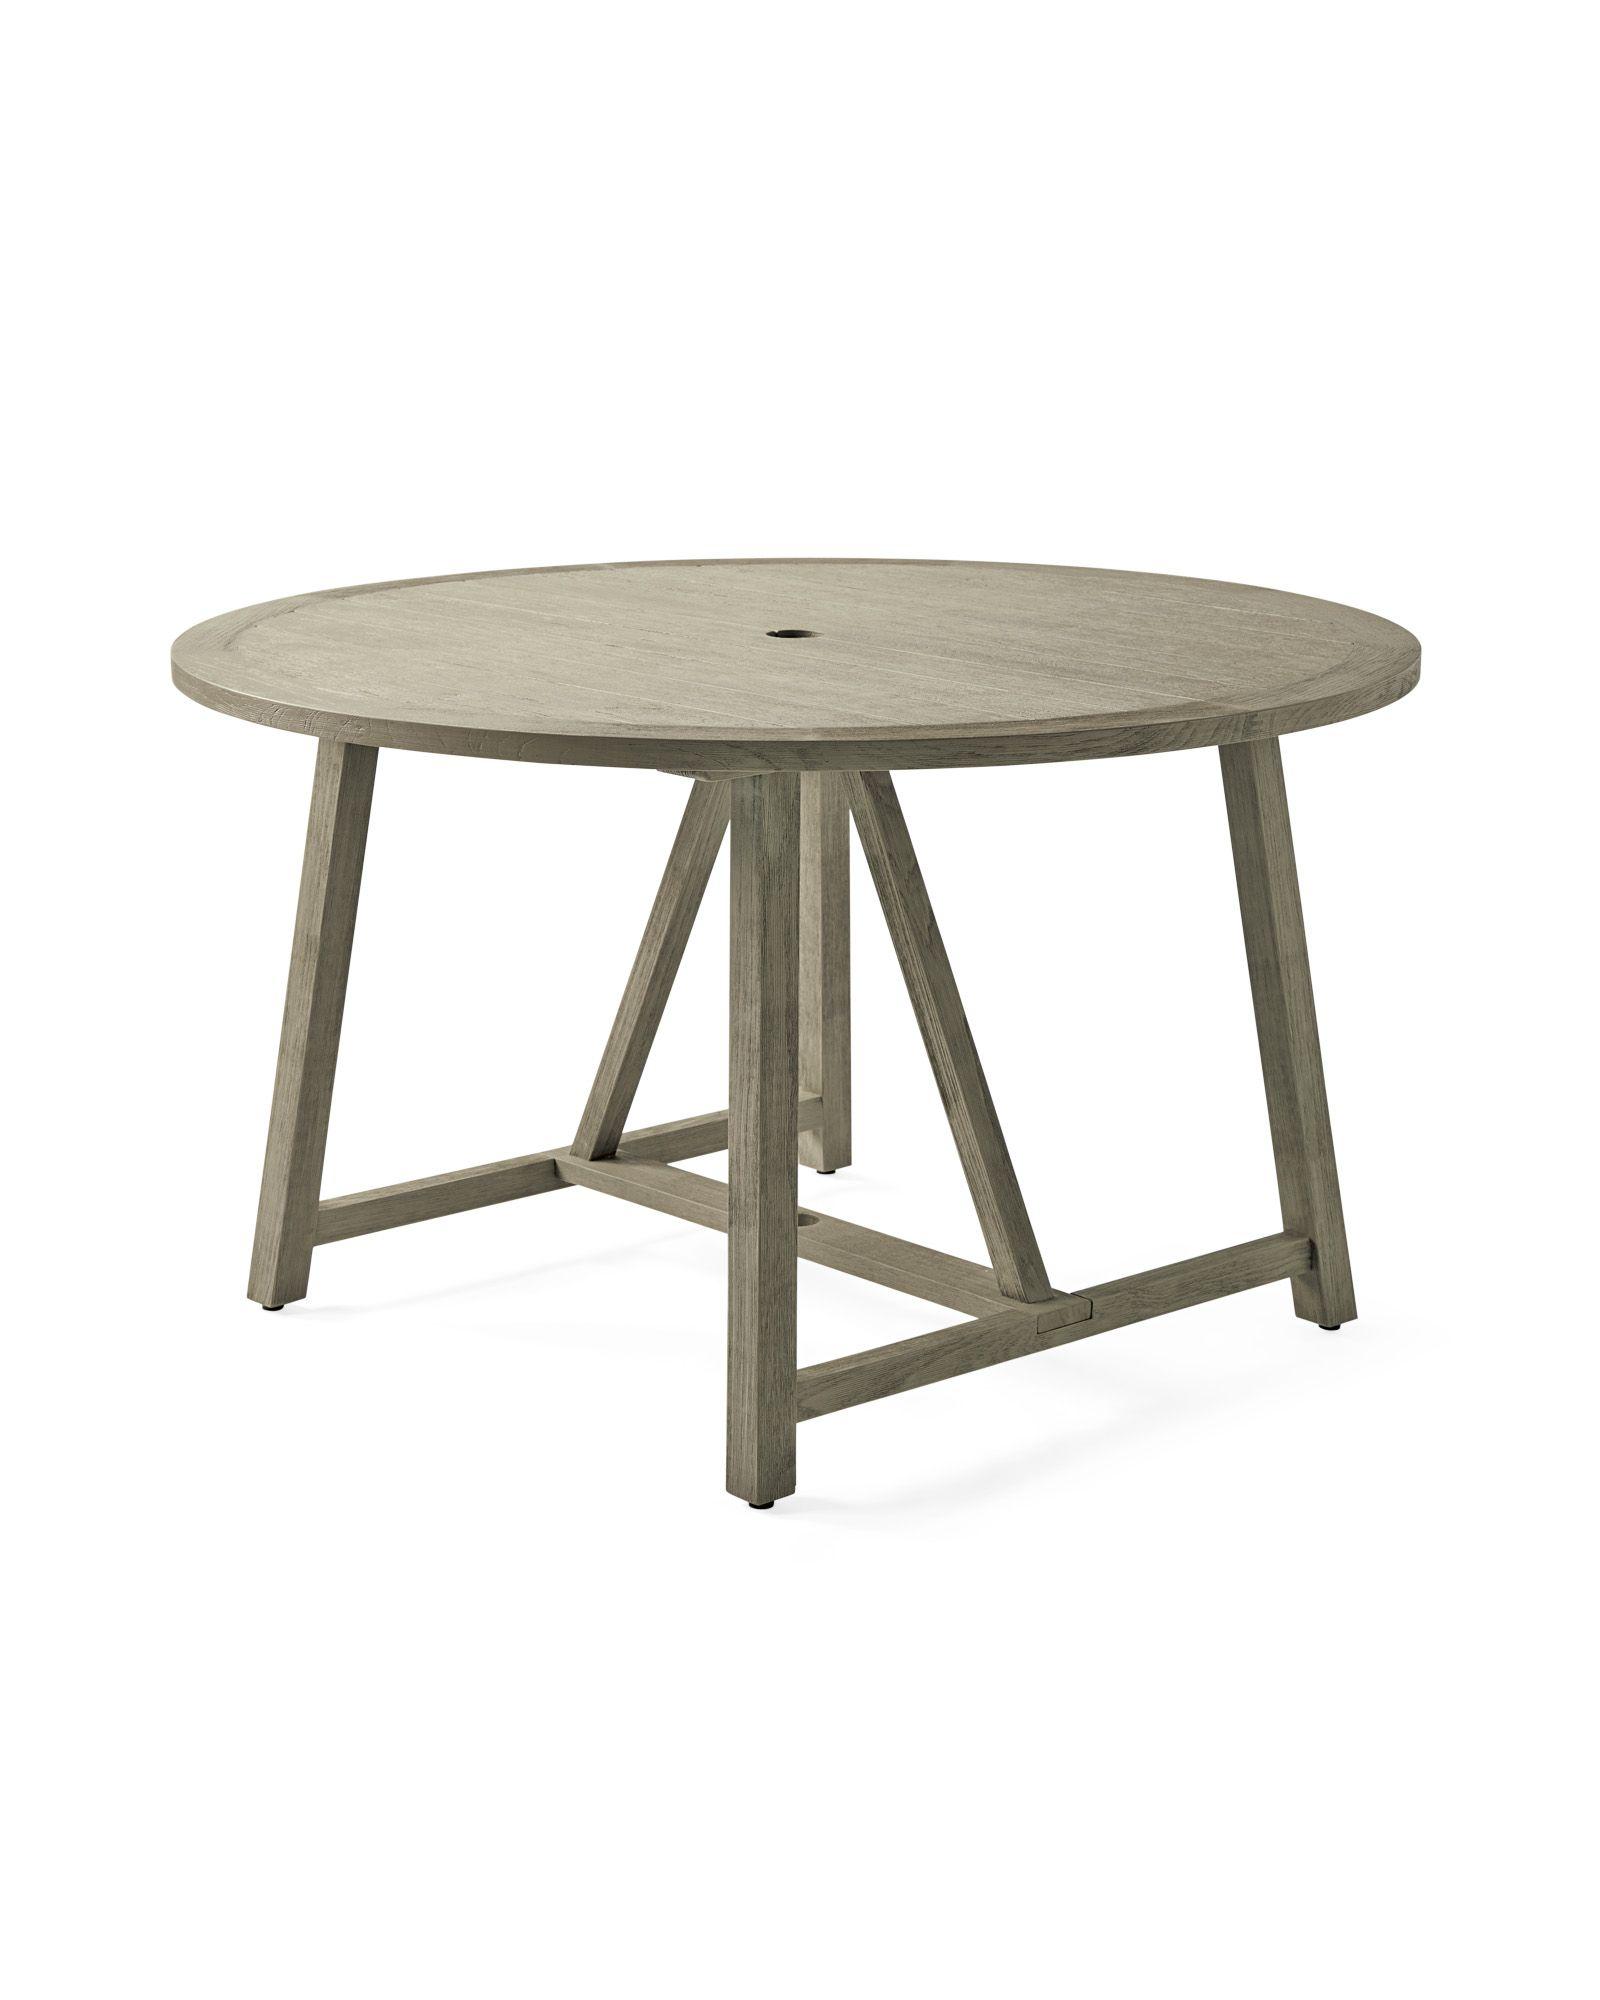 Crosby Teak Round Dining Table Vintage Grey Round Dining Table Dining Table Round Dining [ 2000 x 1600 Pixel ]